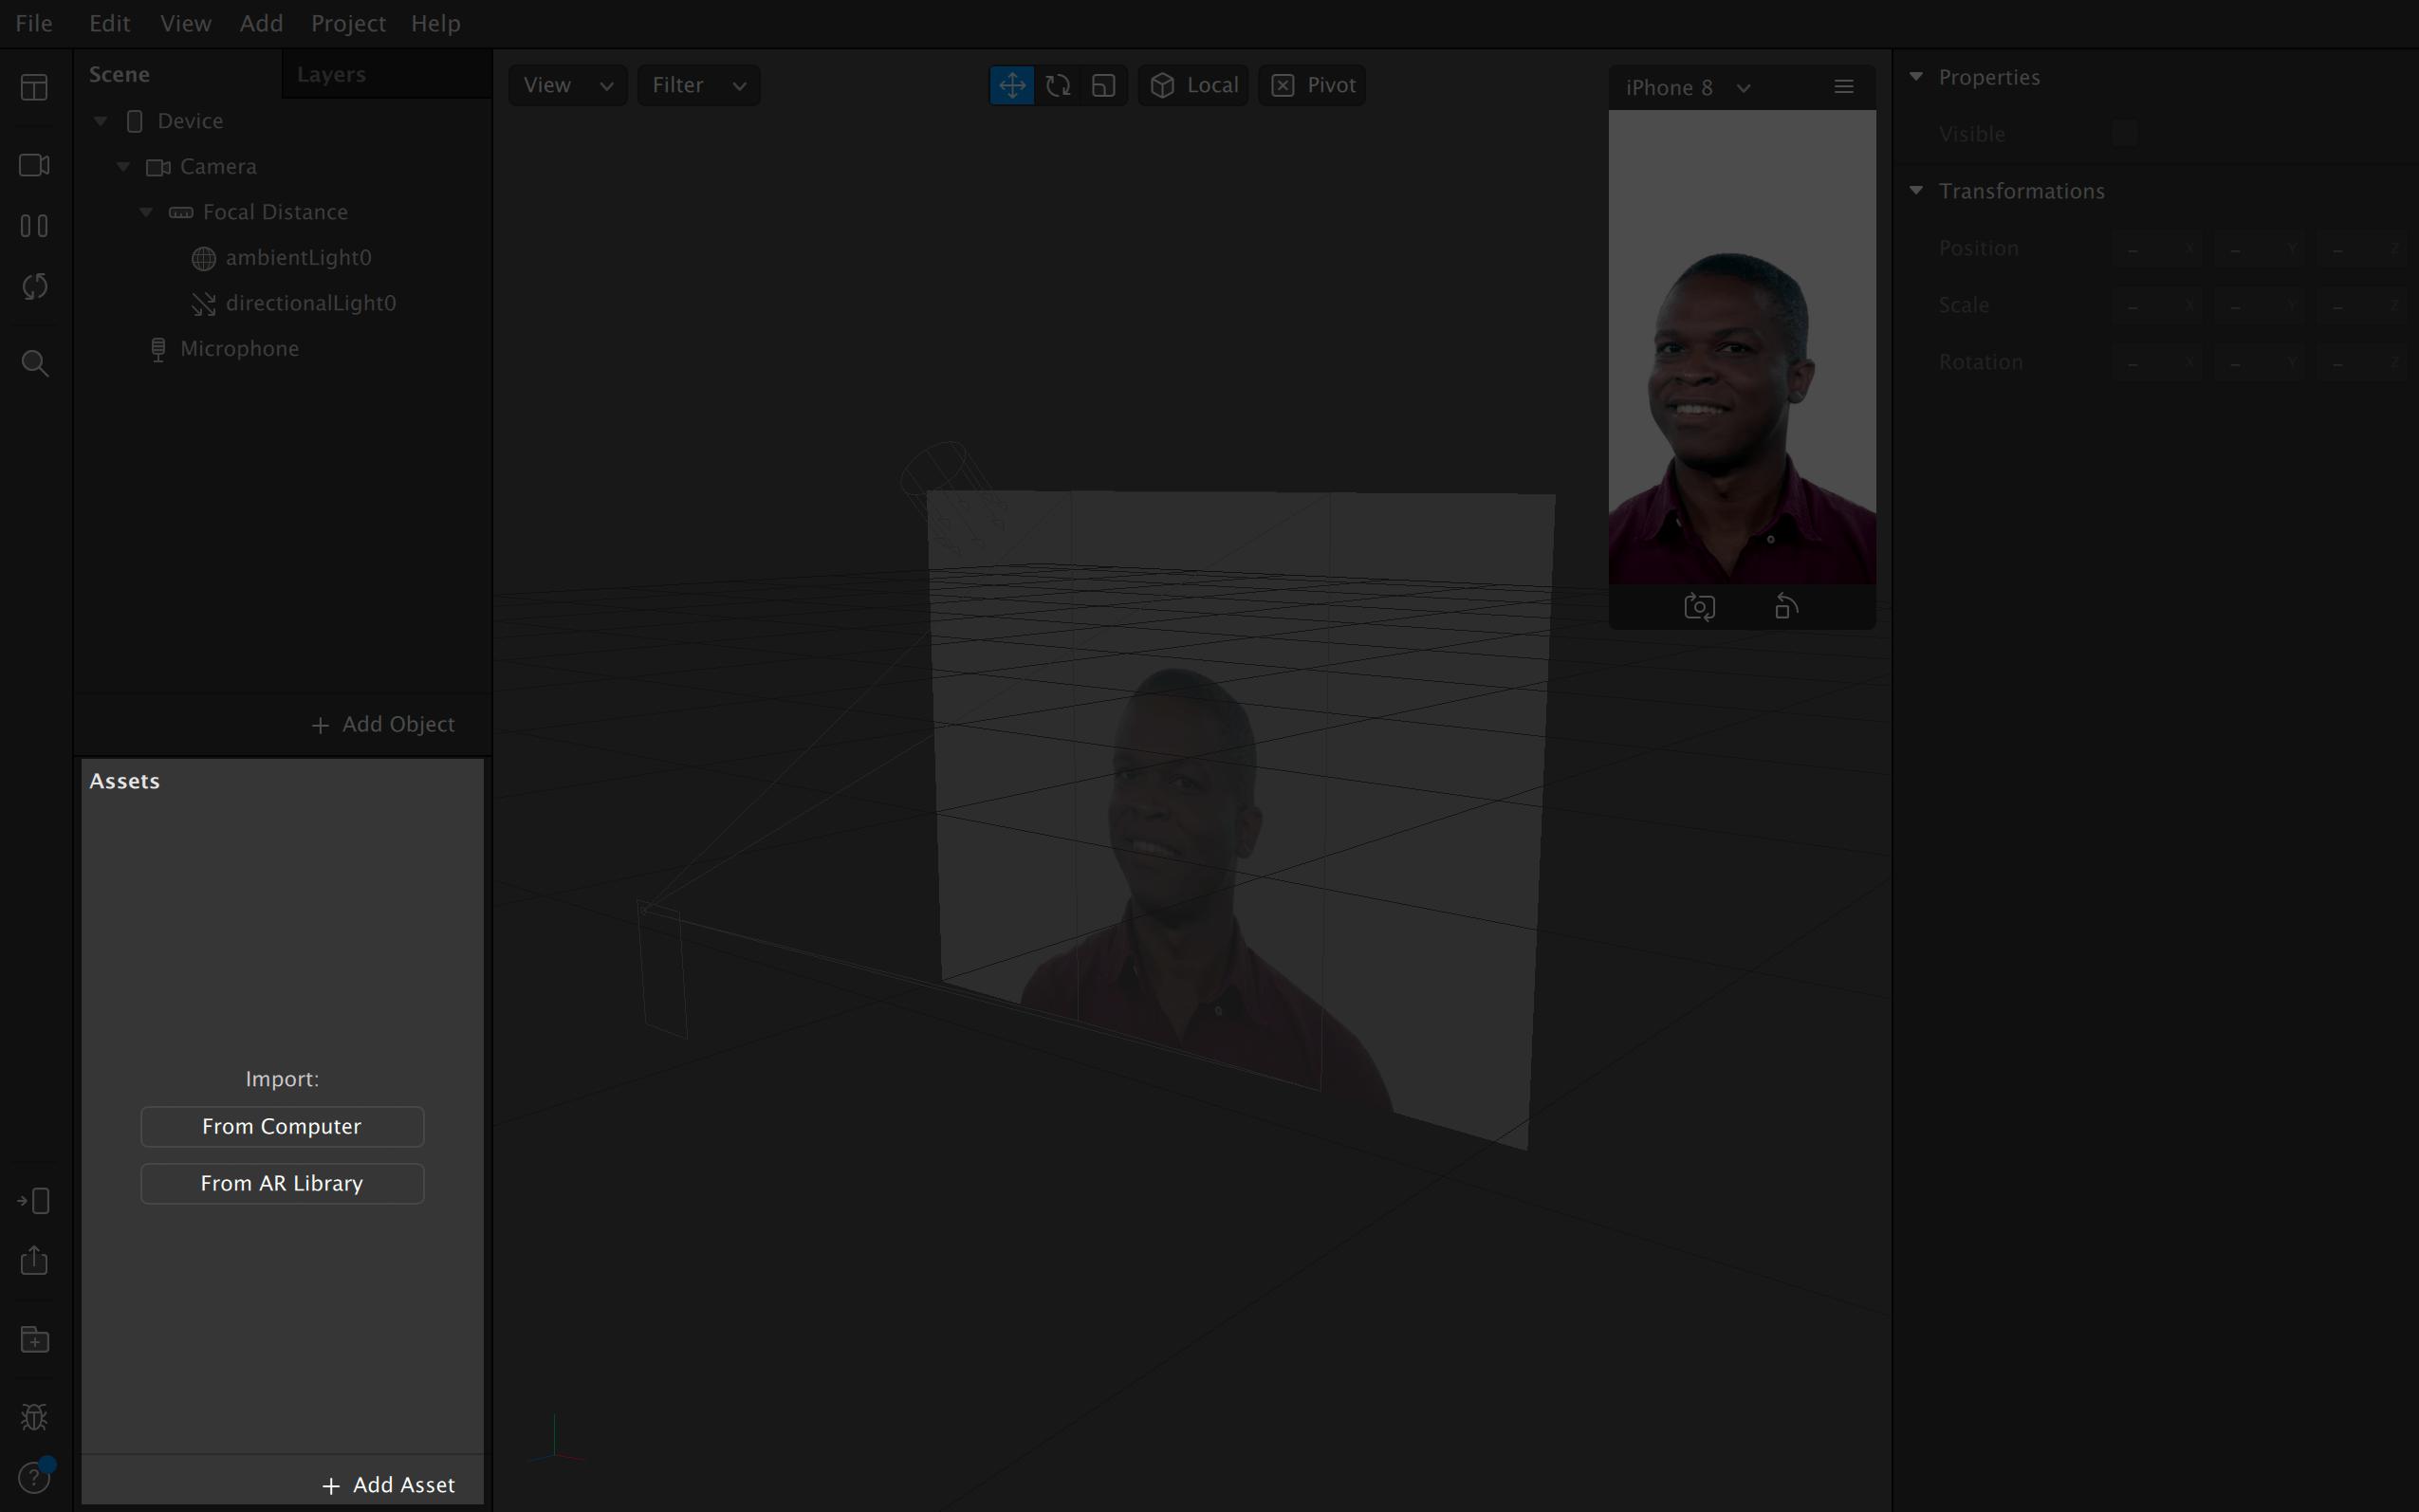 Сейчас в активах пусто, но сюда можно добавить, например, фото и поставить его на фон за персонажем